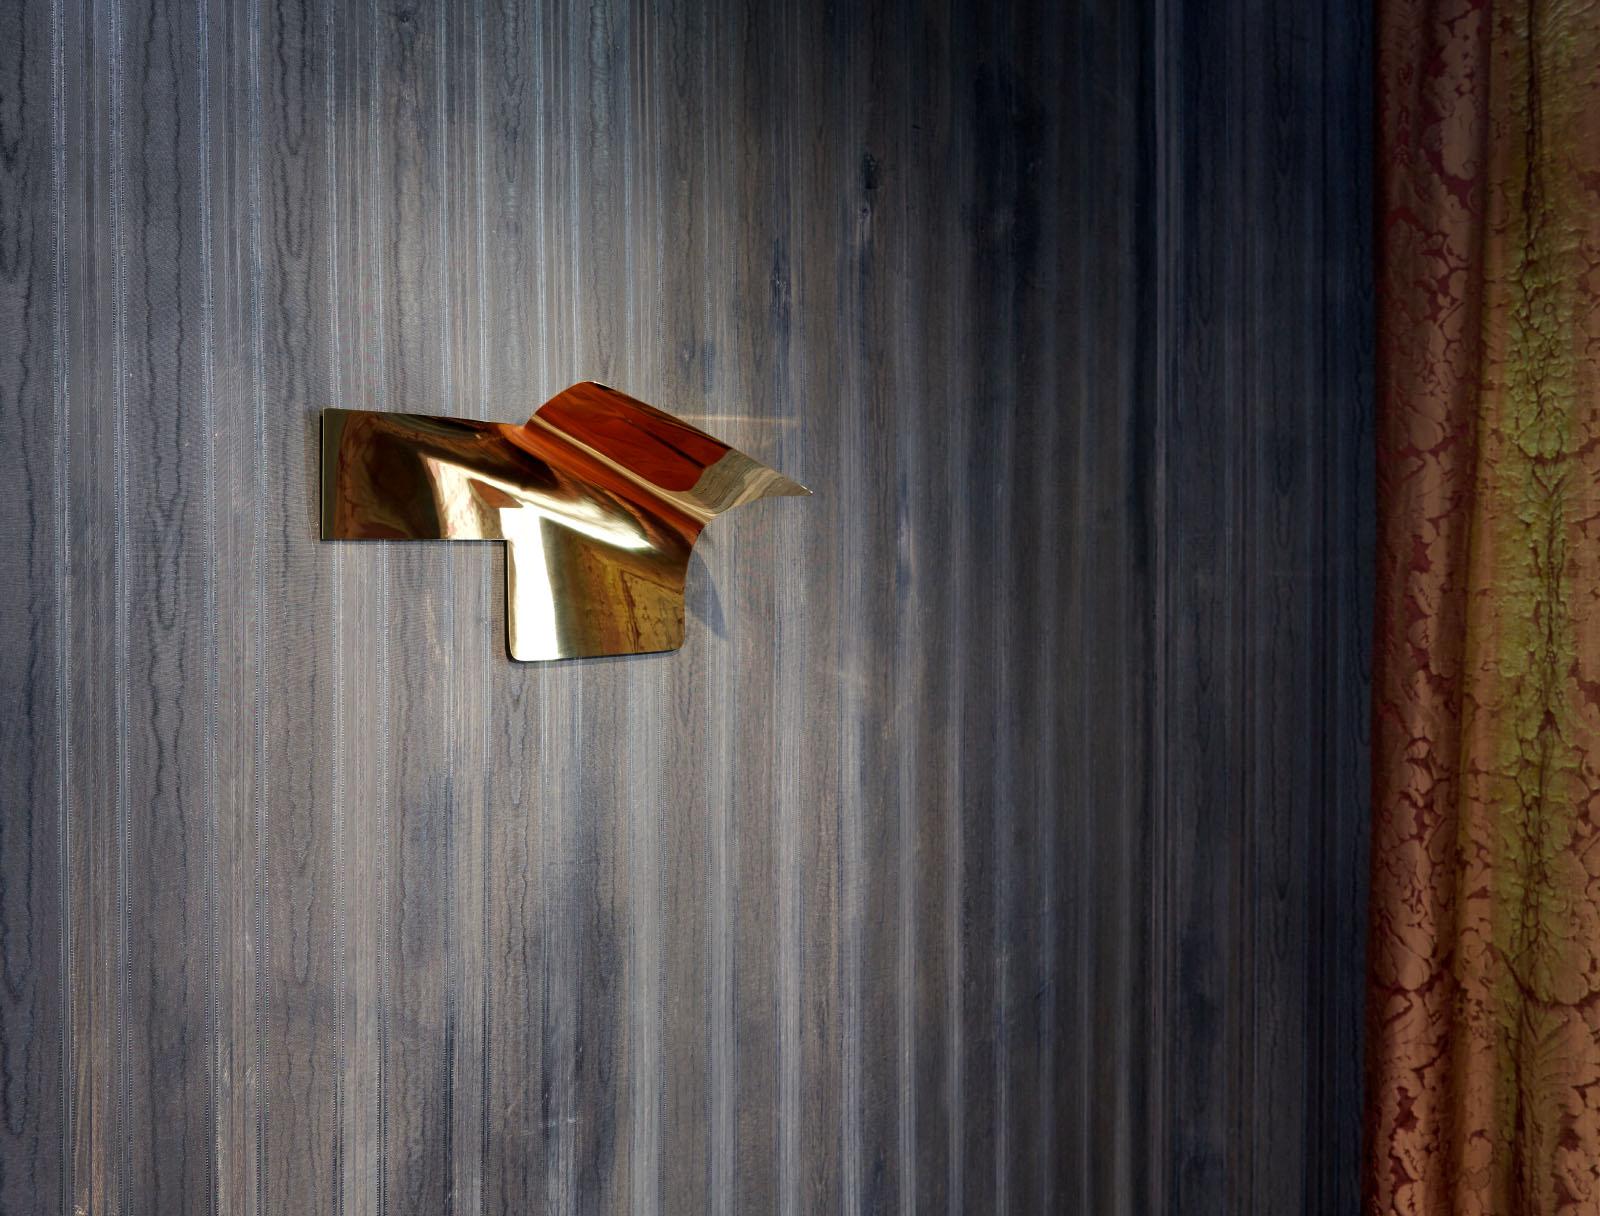 """Installationsfoto aus der Gruppenausstellung """"Helmut Berger und der Klassenkampf"""" – Wandobjekt: Maja Wirkus"""